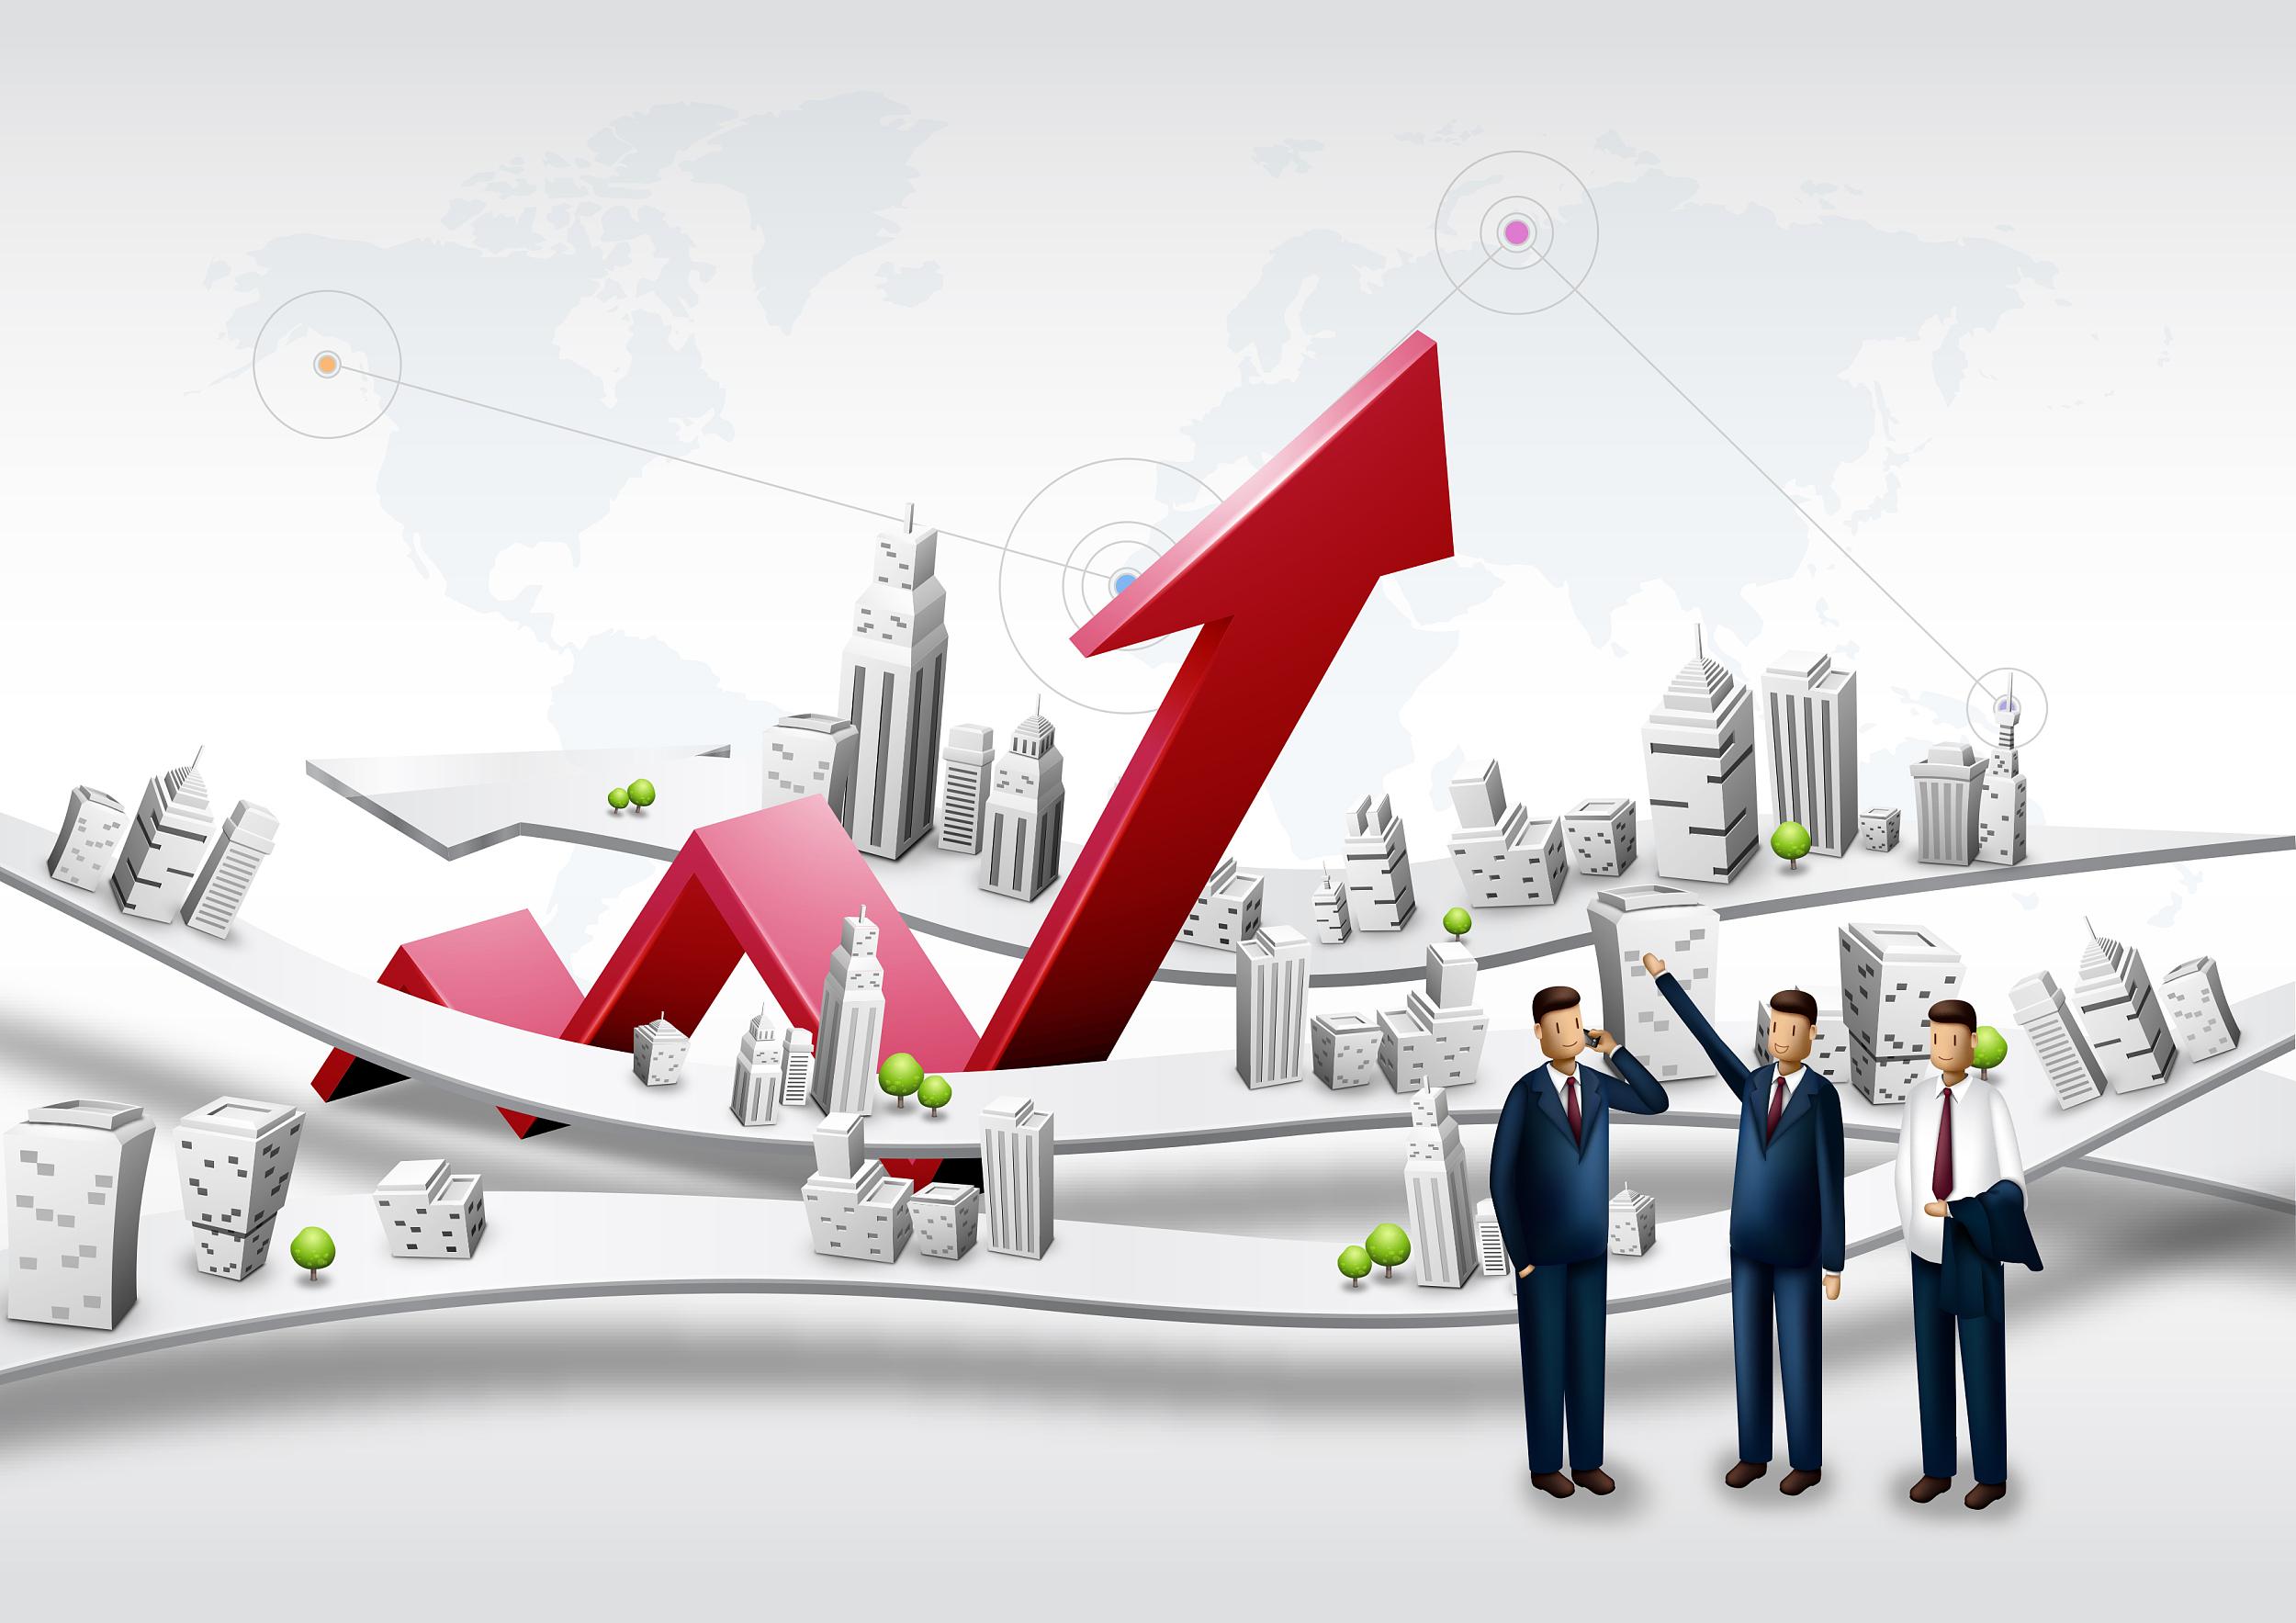 报告:1-7月房企债券融资规模累计增速保持下滑 达2018年来新低